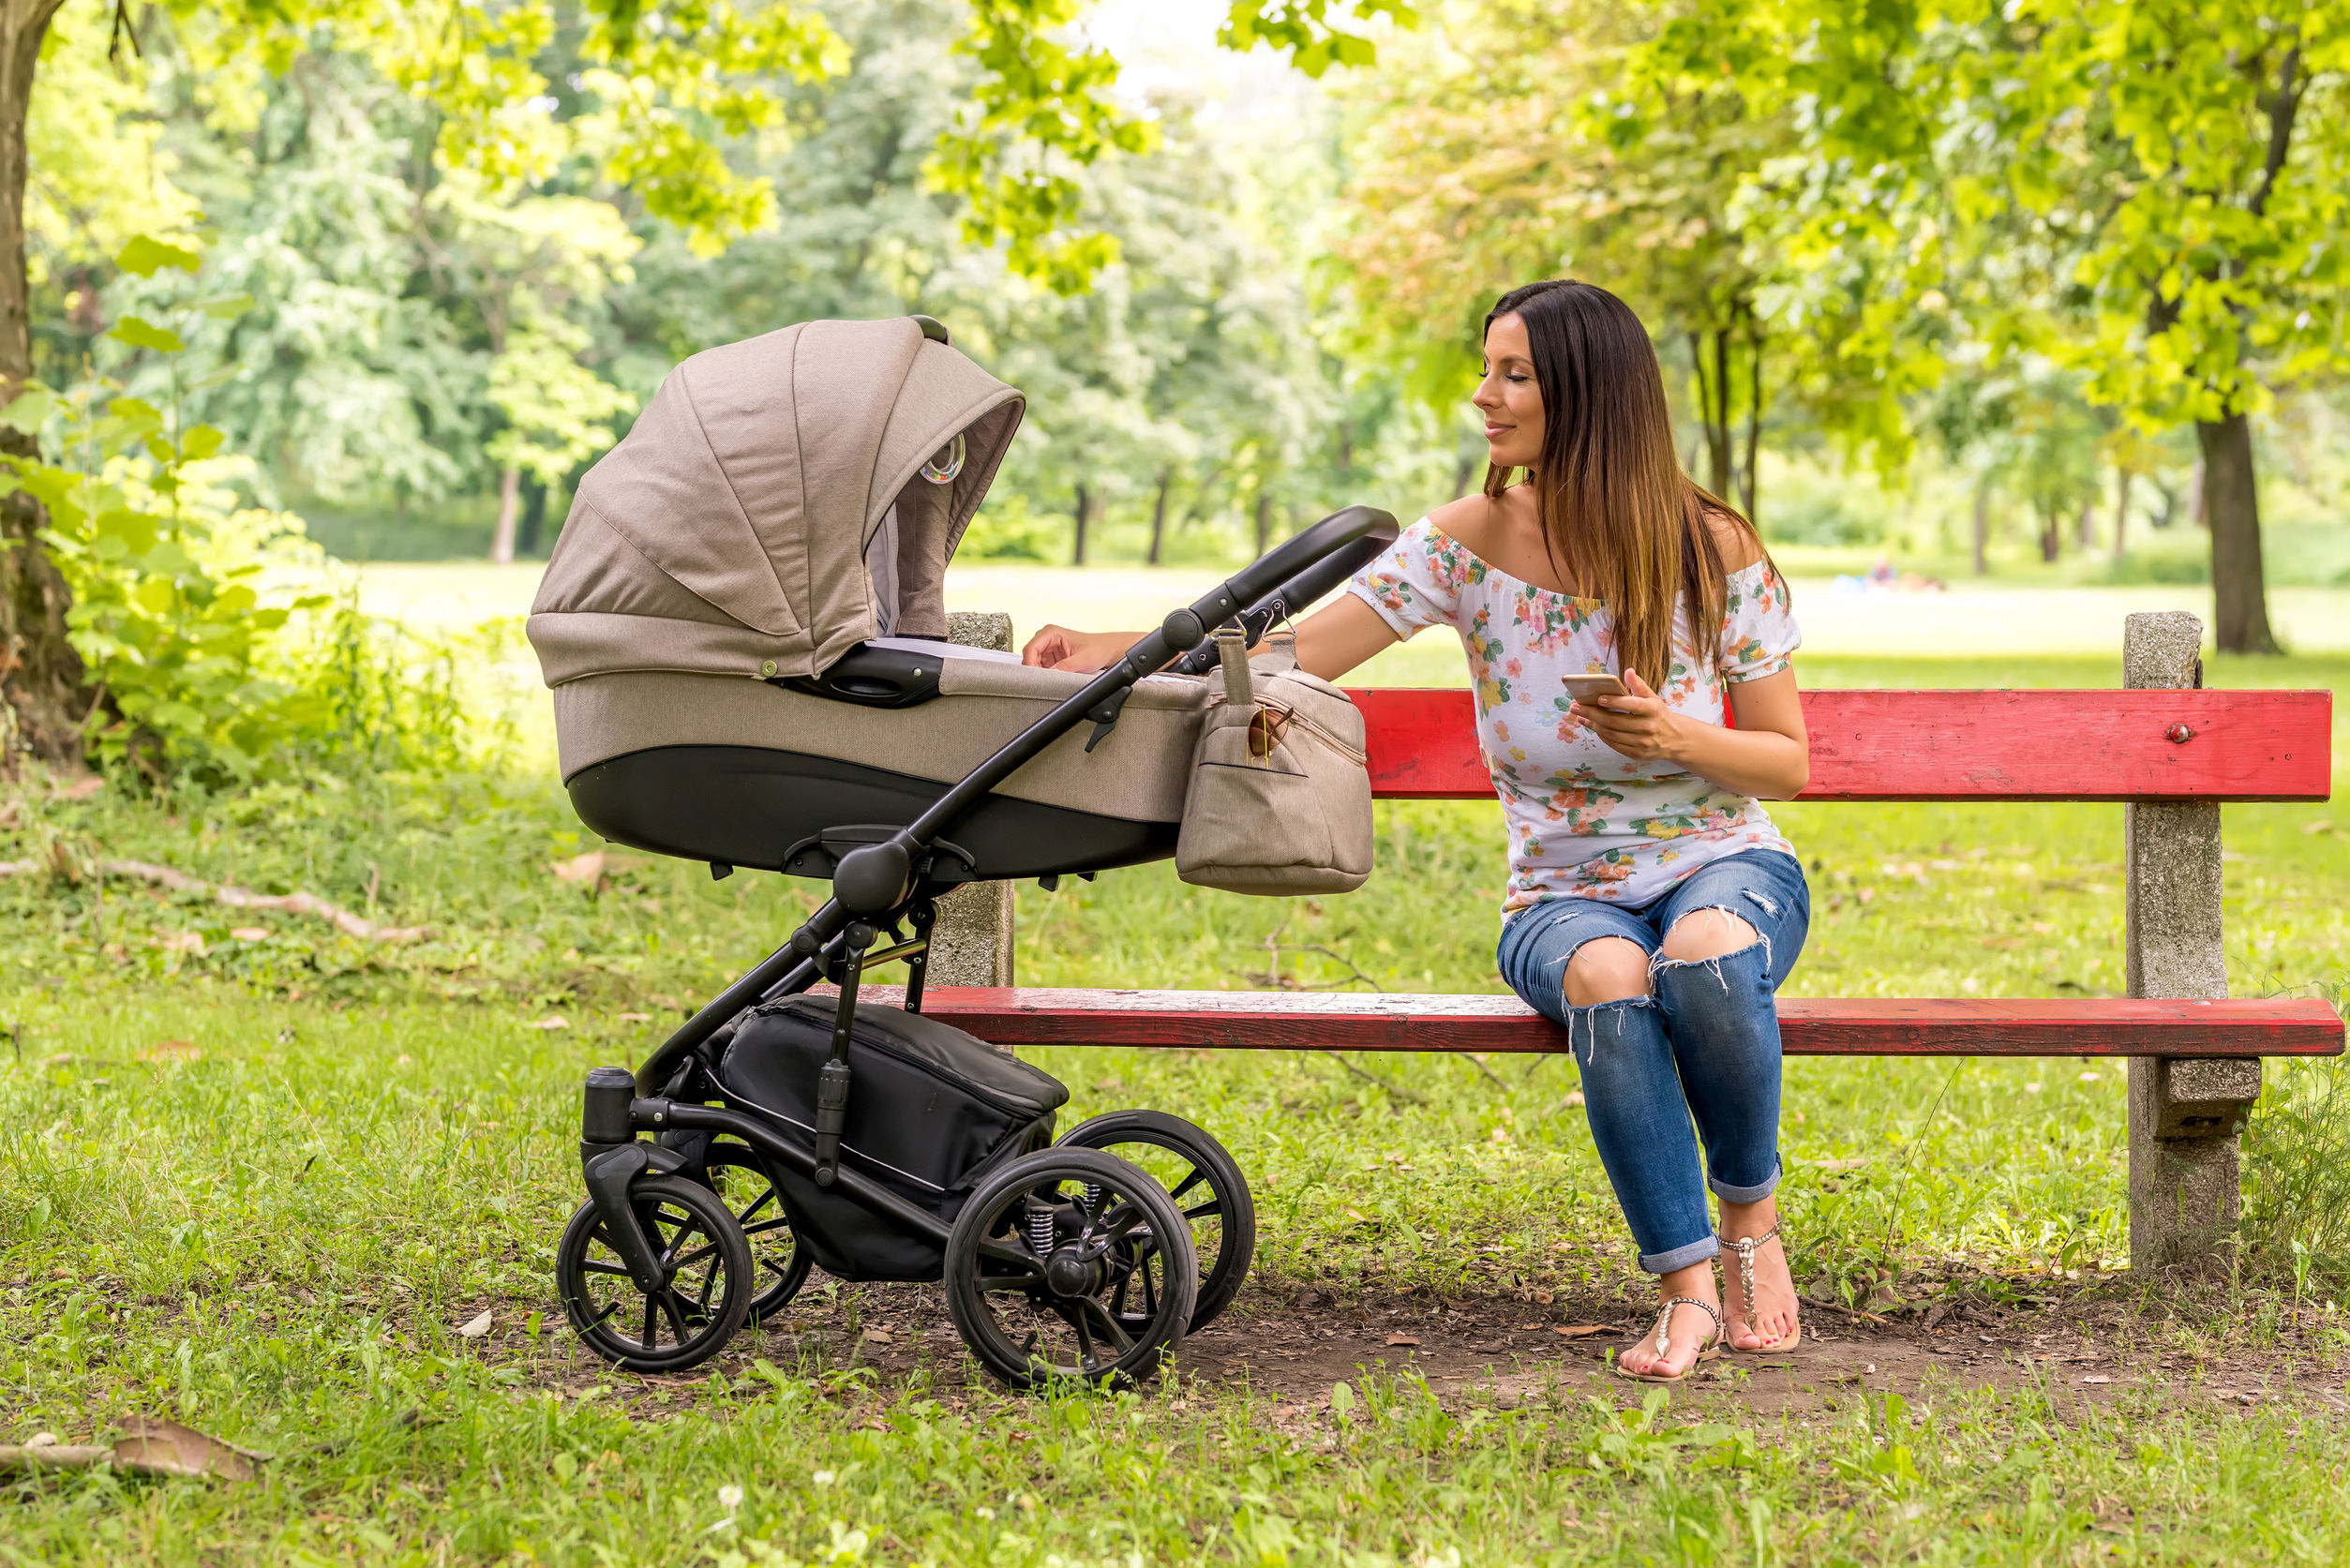 Kinderwagen: Test & Empfehlungen (05/21)